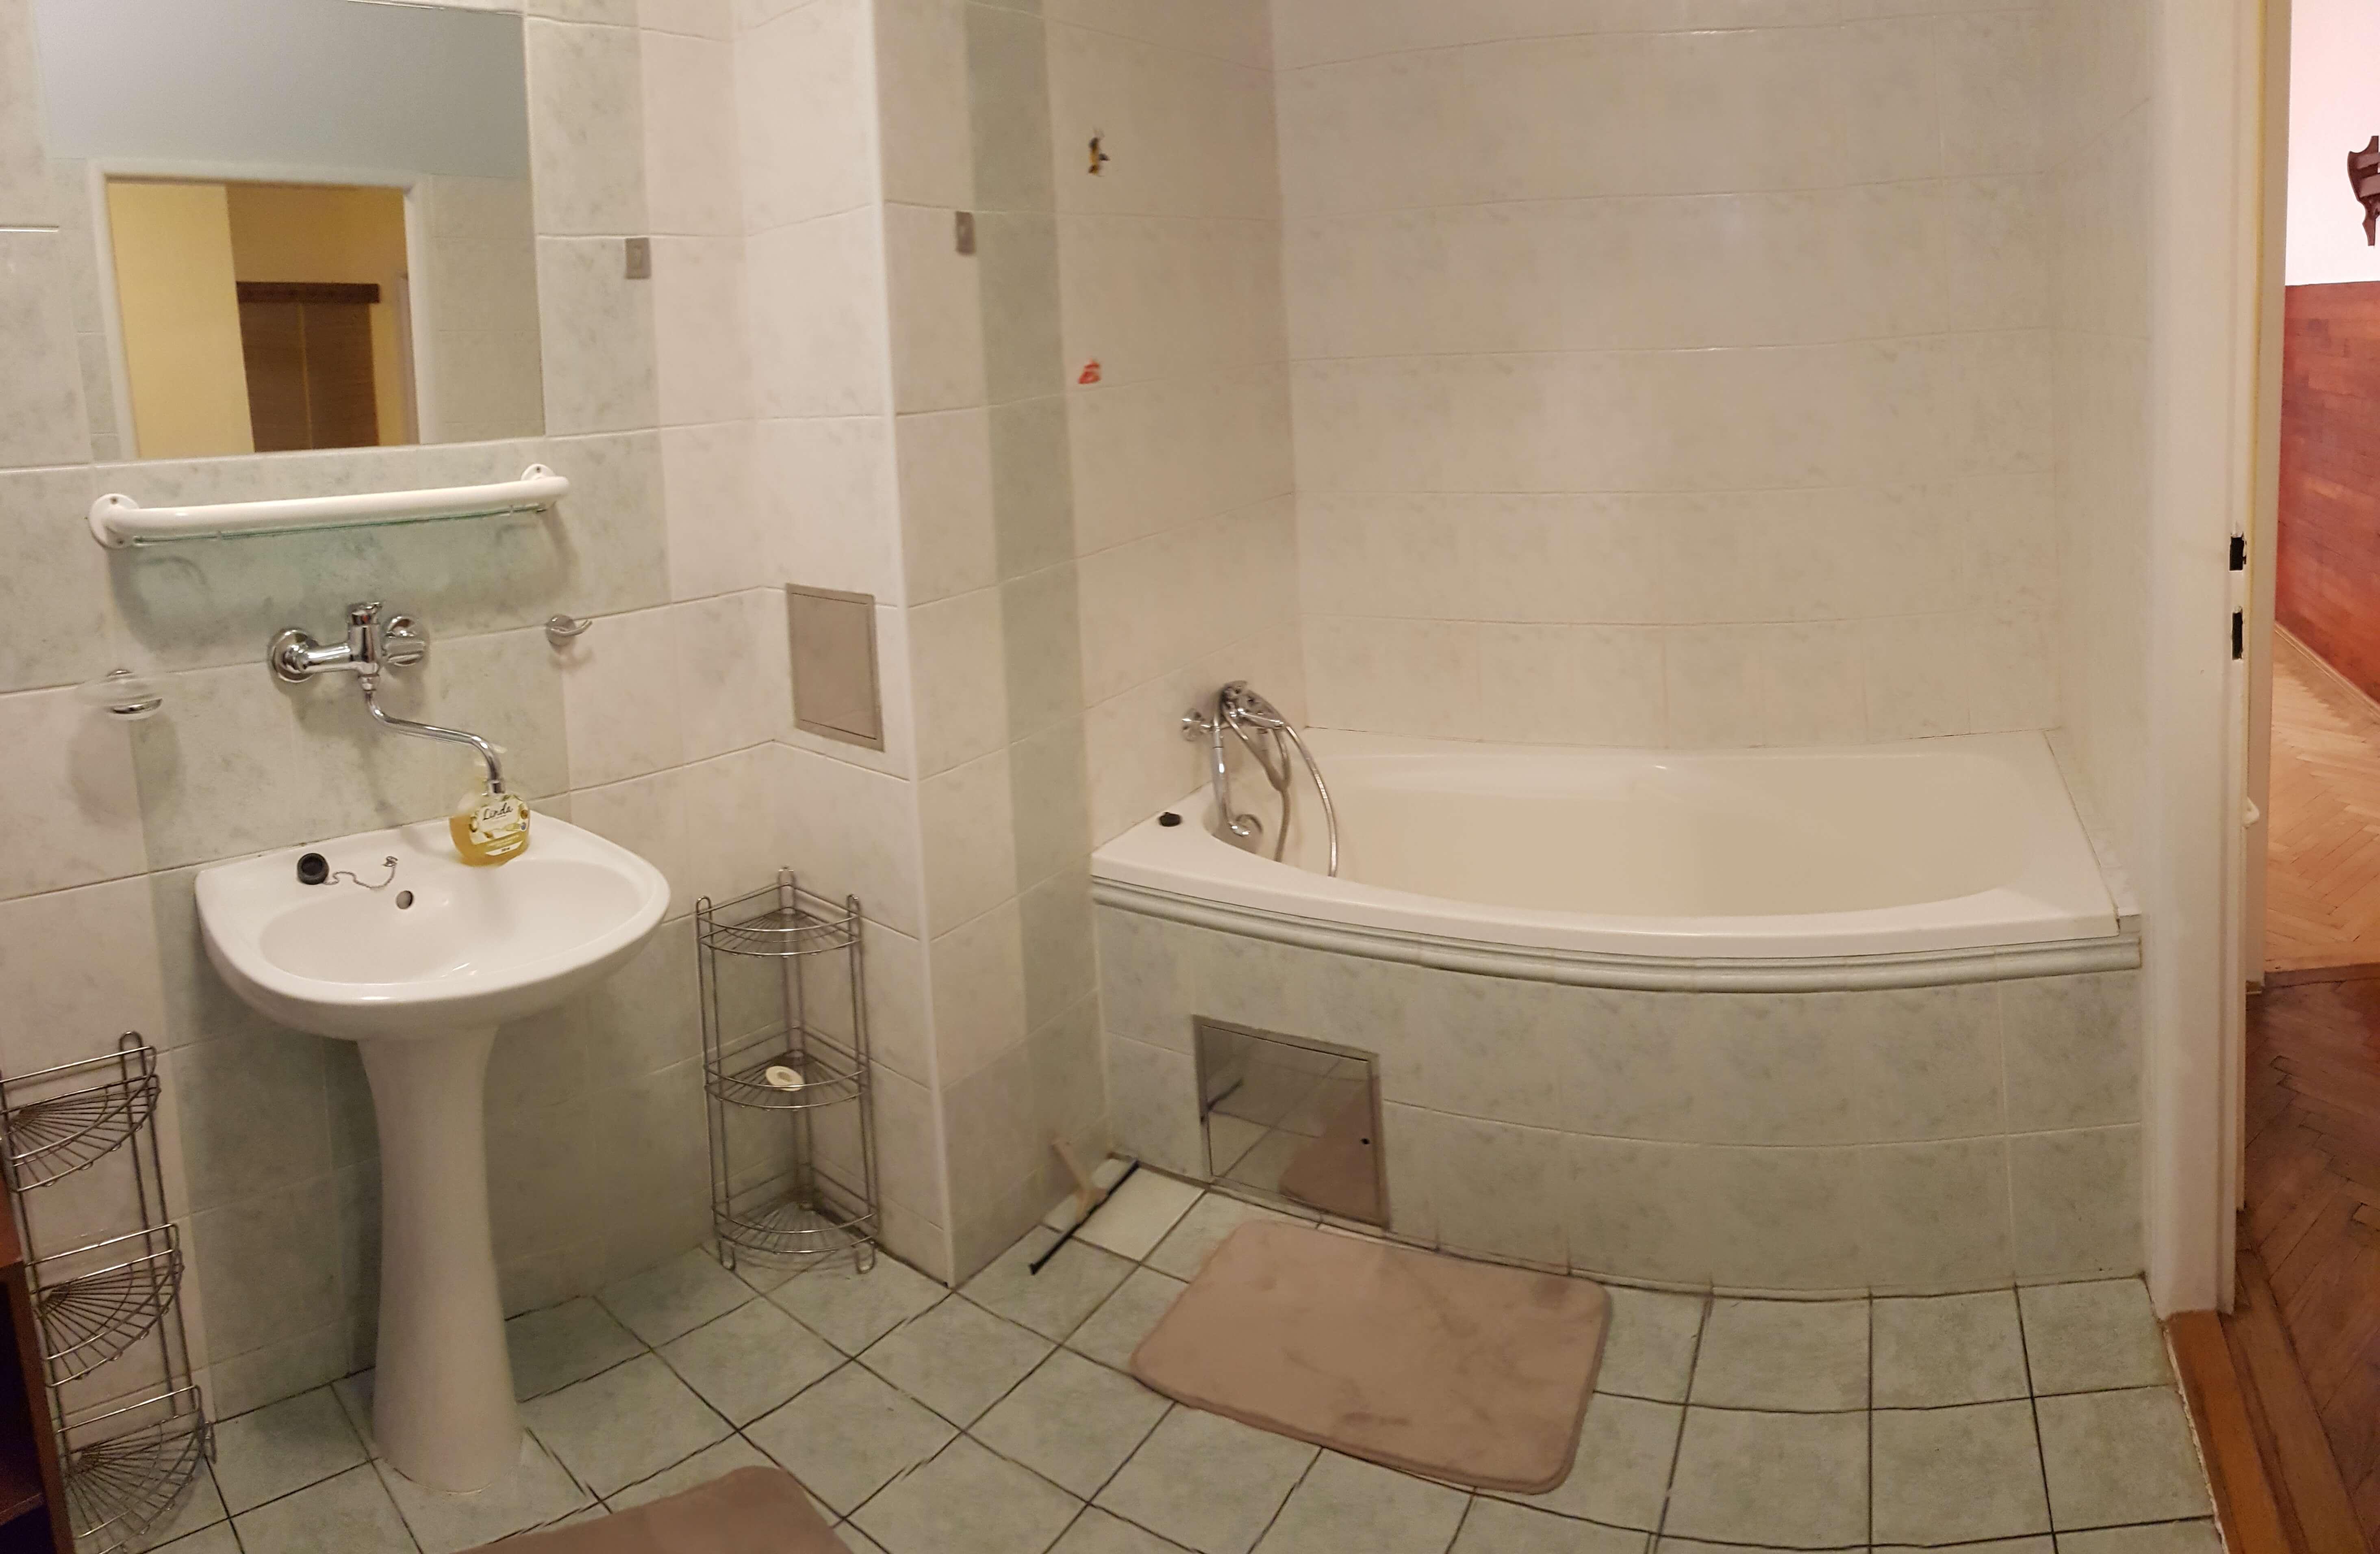 Prenájom jednej izby v 2 izb. byte, staré mesto, Šancová ulica, Bratislava, 80m2, zariadený-16